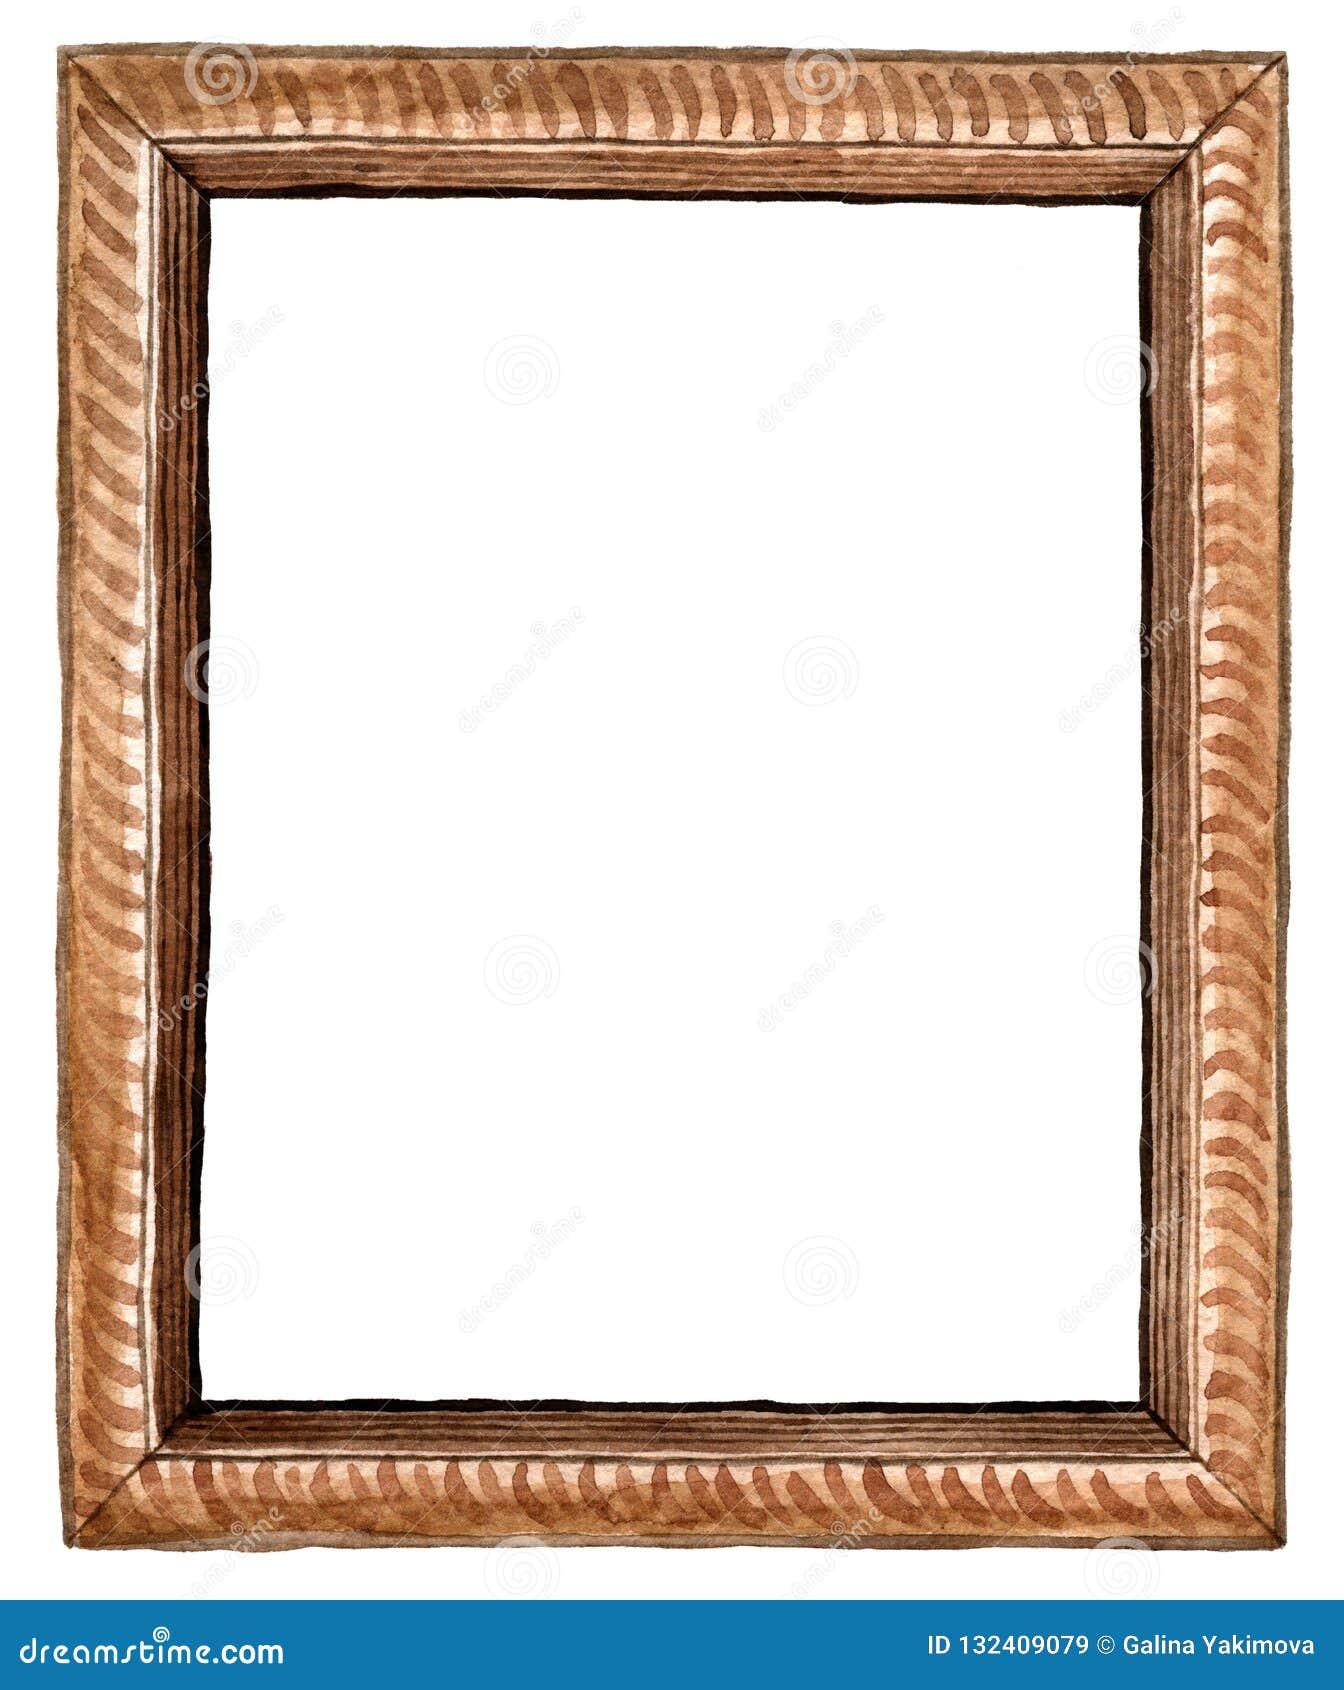 Marco tallado de madera marrón rectangular de la acuarela - ejemplo pintado a mano aislado en el fondo blanco